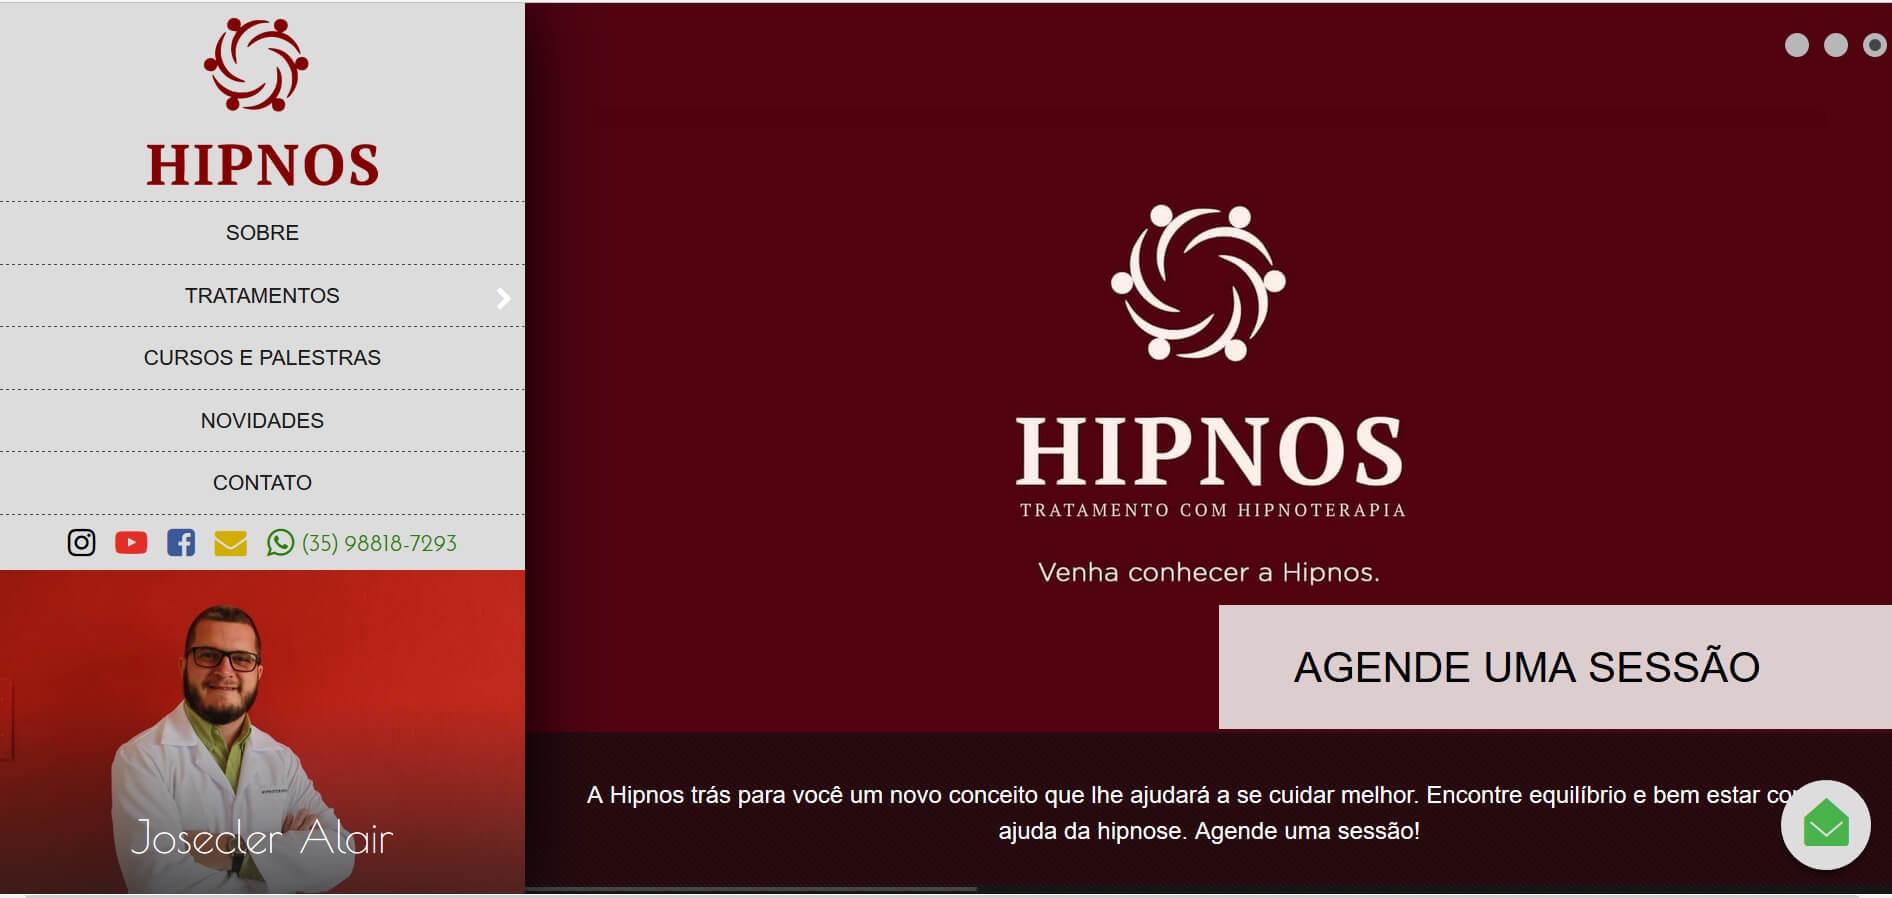 Hipnos - Lavras MG